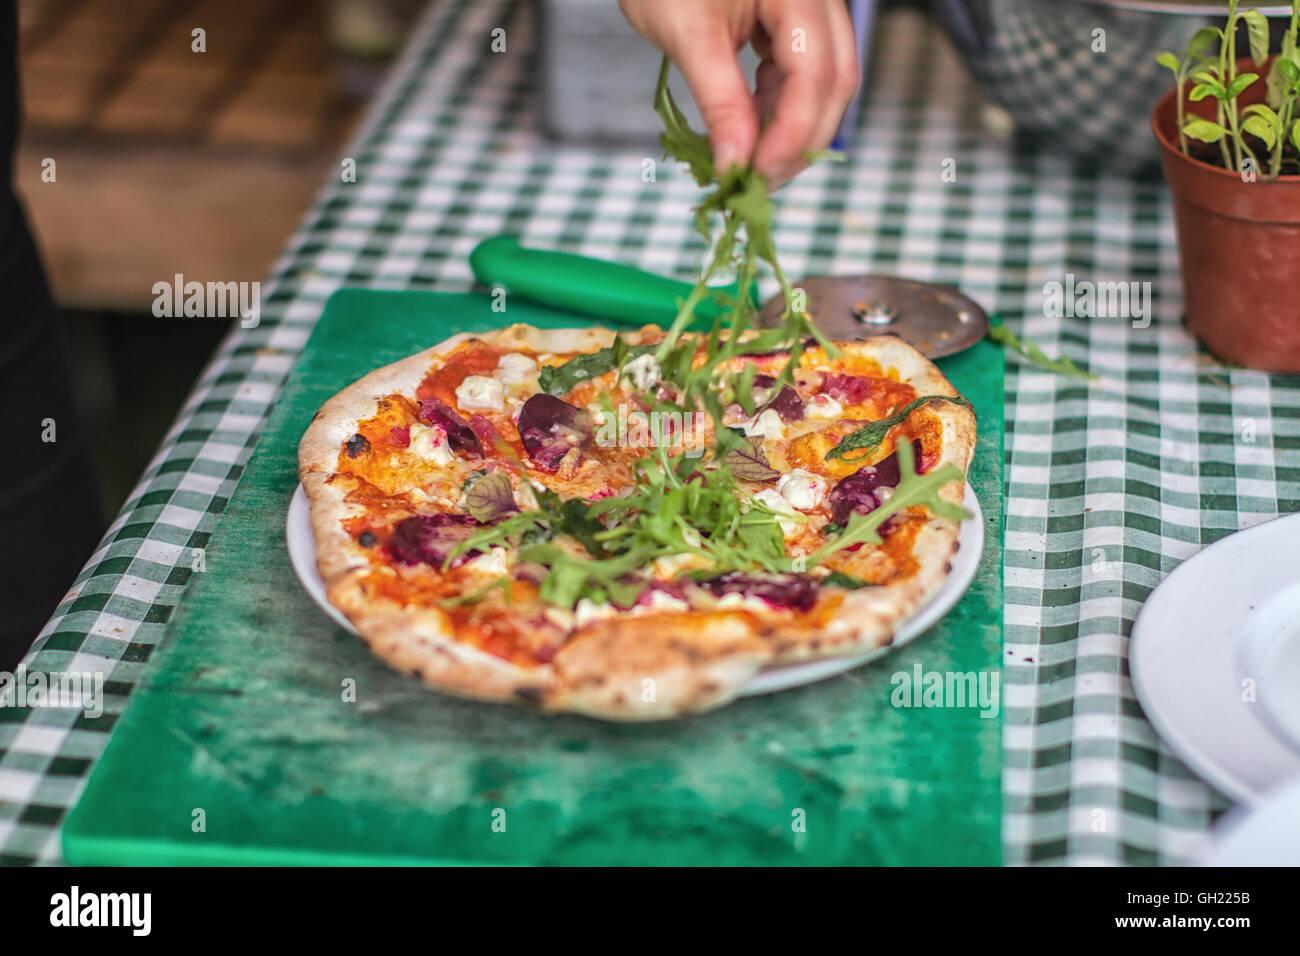 Corteza delgada italiana pizza vegetariana con hojas de rúcula ser rociados sobre ella Imagen De Stock